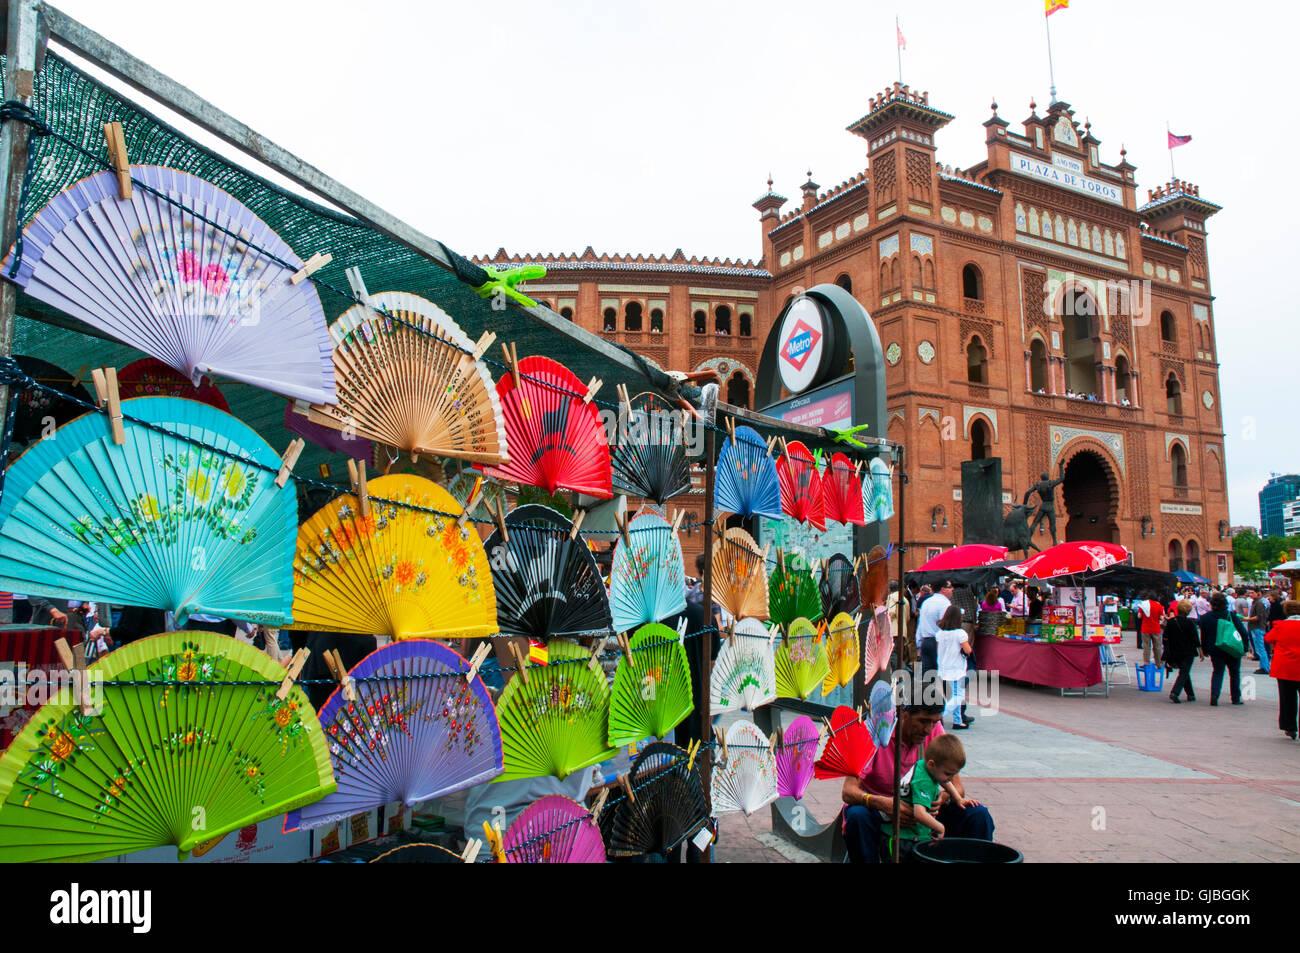 b4ffcf039 Stand con recuerdos de España y la Plaza de Toros de Las Ventas. Madrid